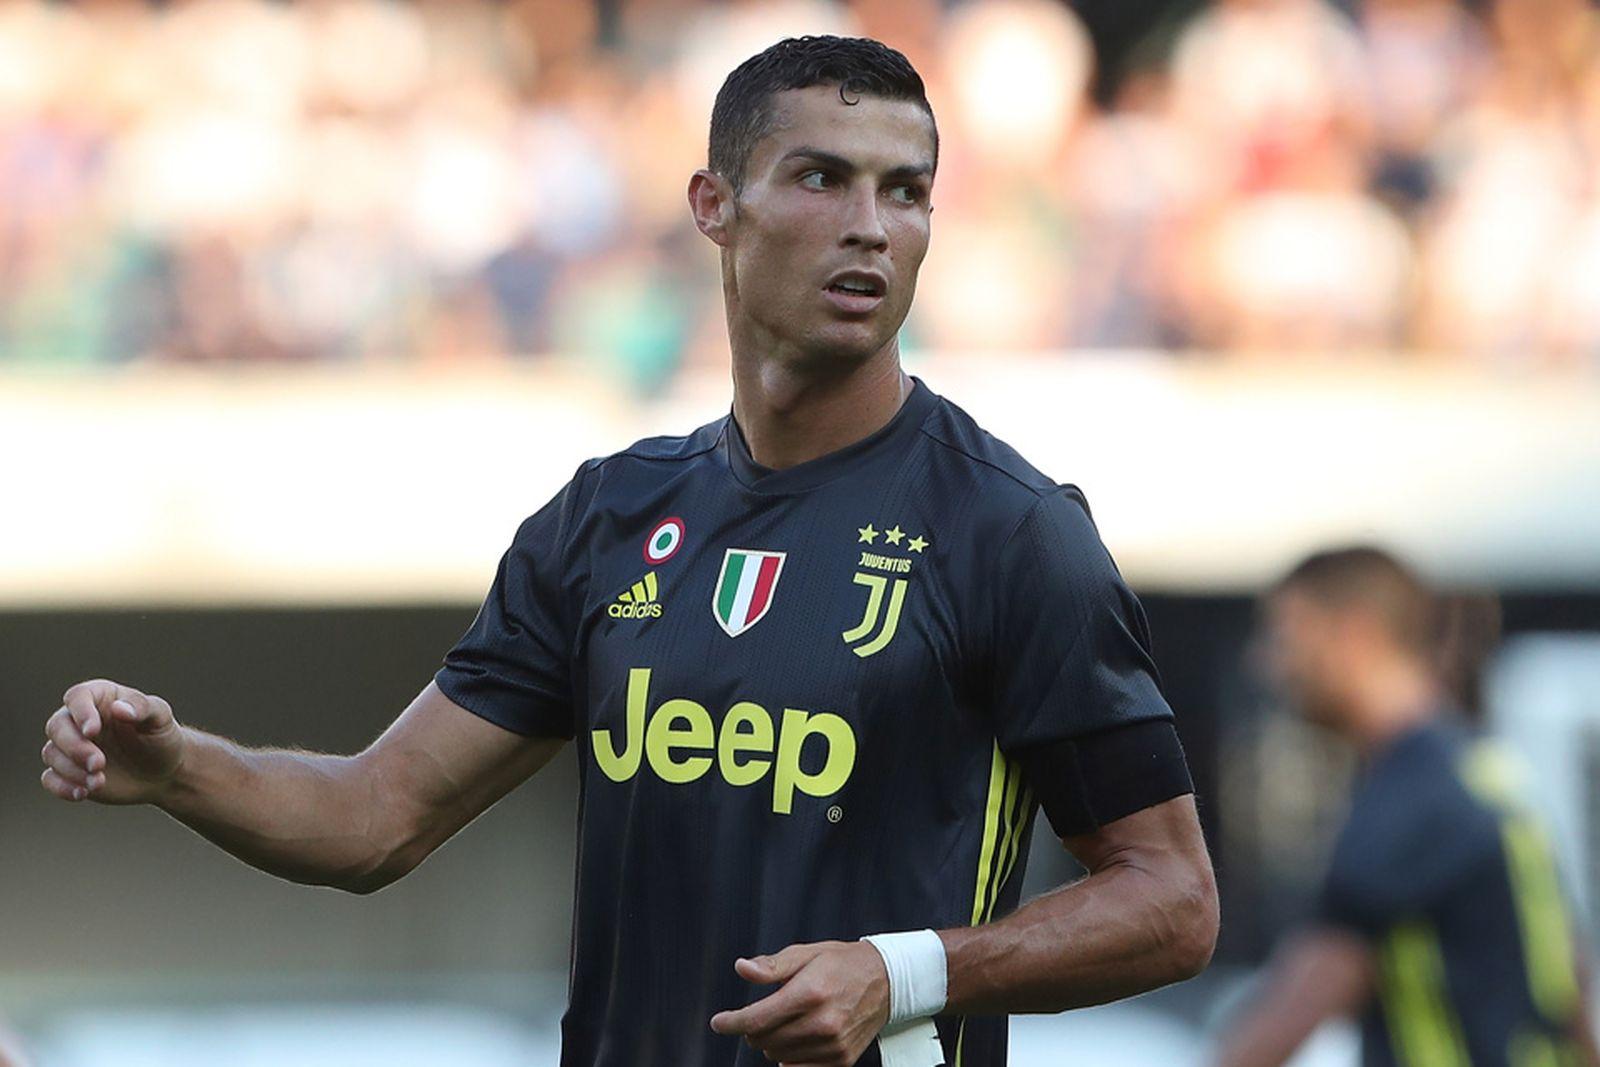 Destello Mirar atrás exposición  Nike Unveils Cristiano Ronaldo Ad Ahead of Juventus Game